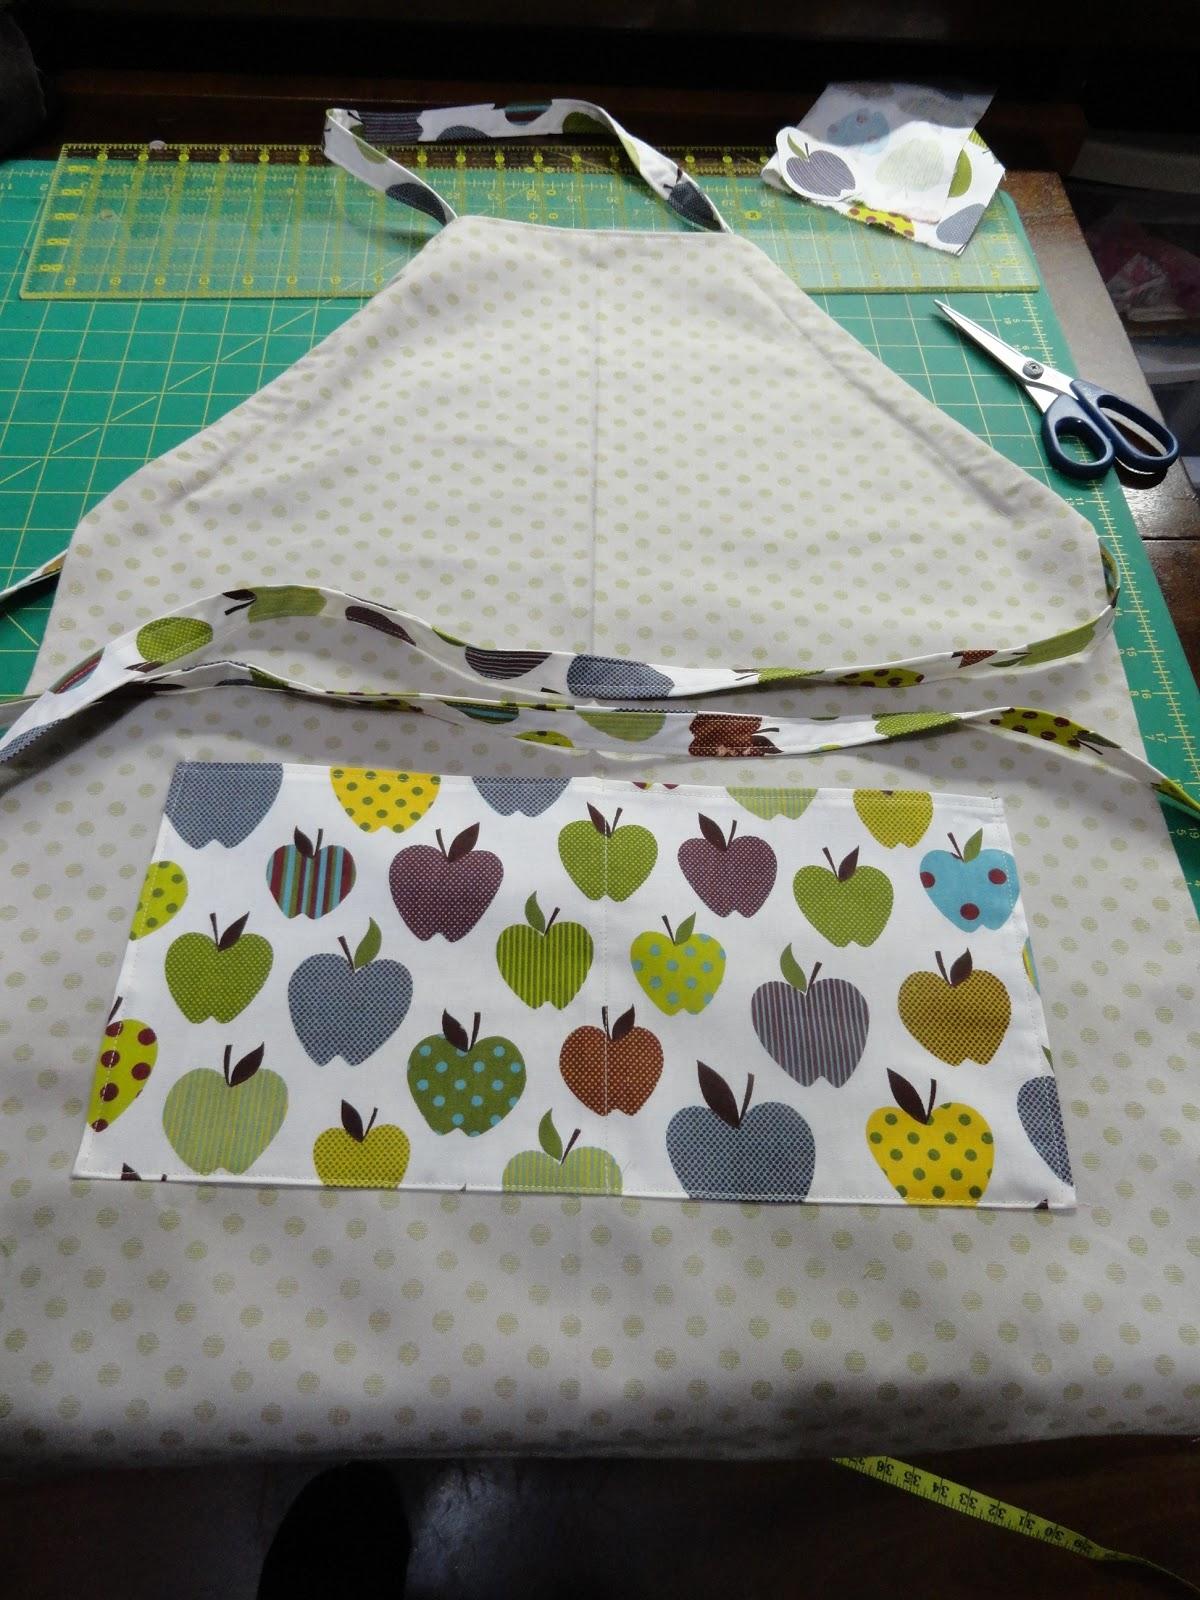 Artesanato Croche Historia ~ Mam u00e3e sabe Costurar Artesanato em tecido, quilting